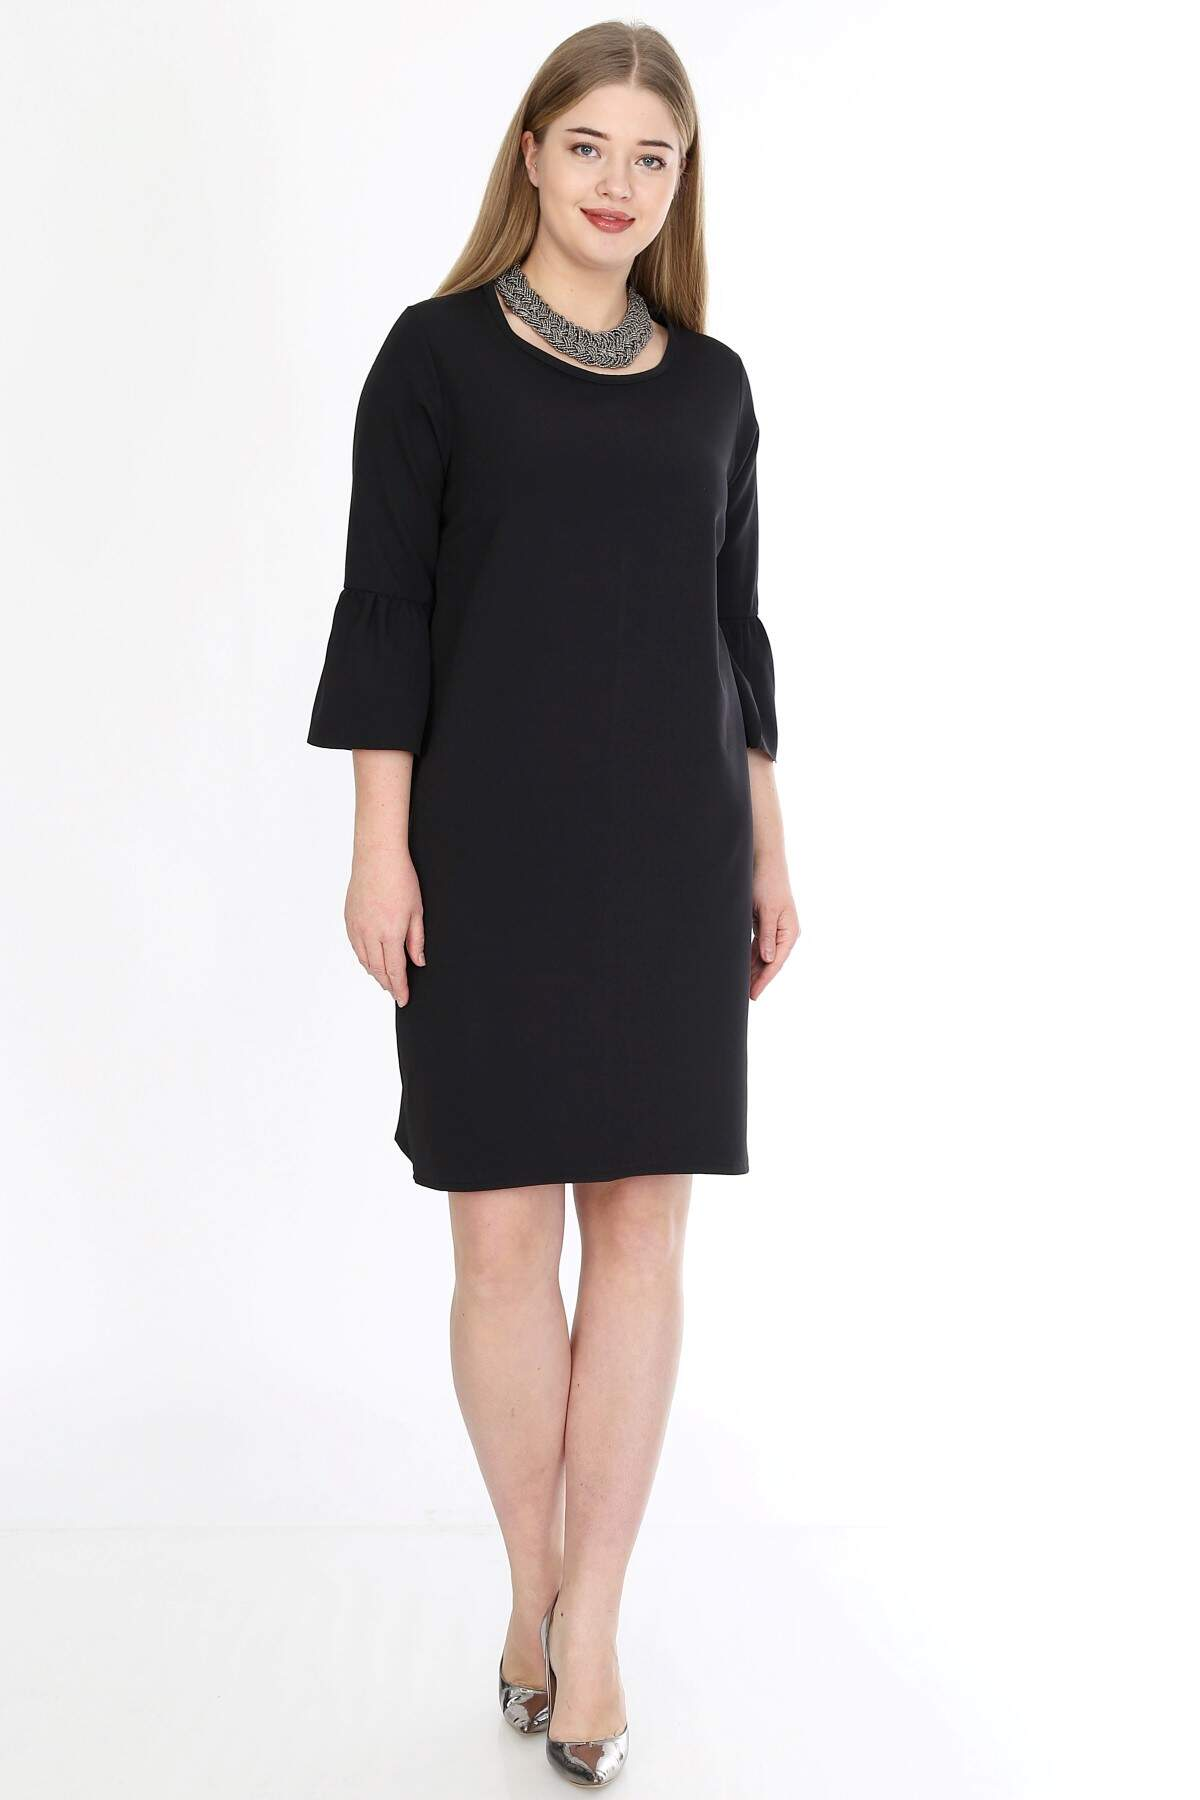 Büyük Beden Kampanyalı Elbise KL807sh